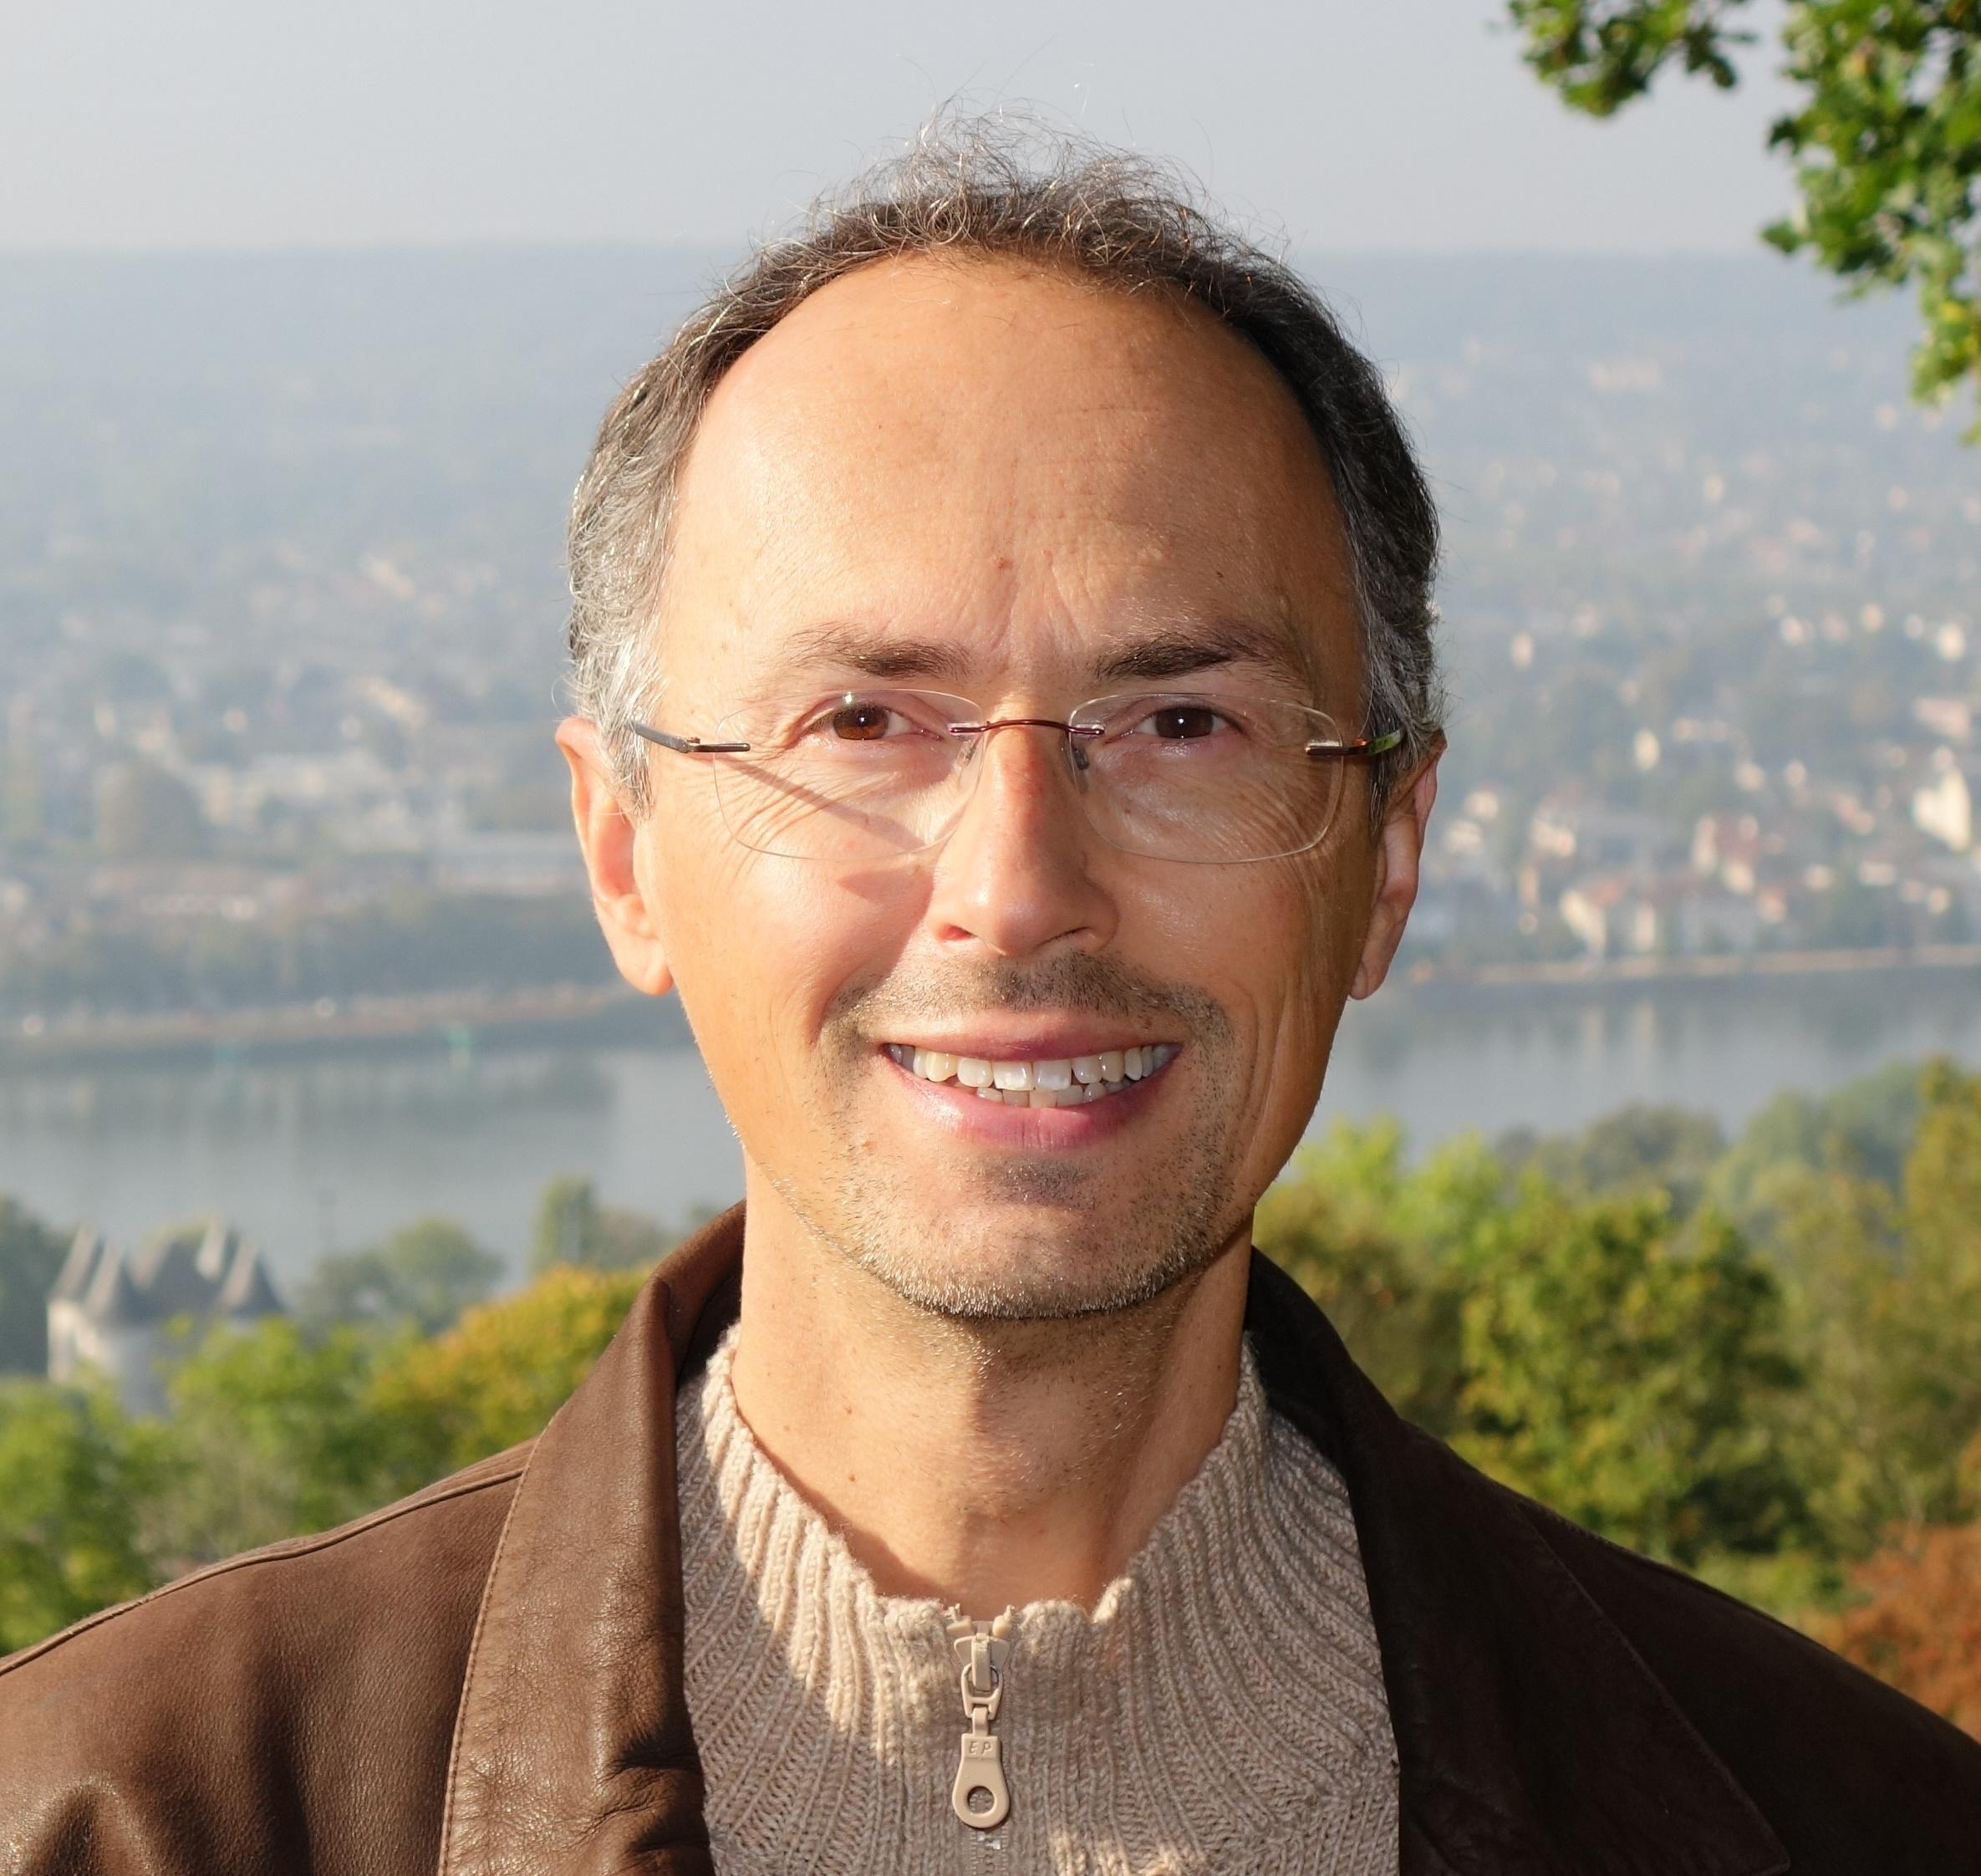 Bernard Jaguenaud